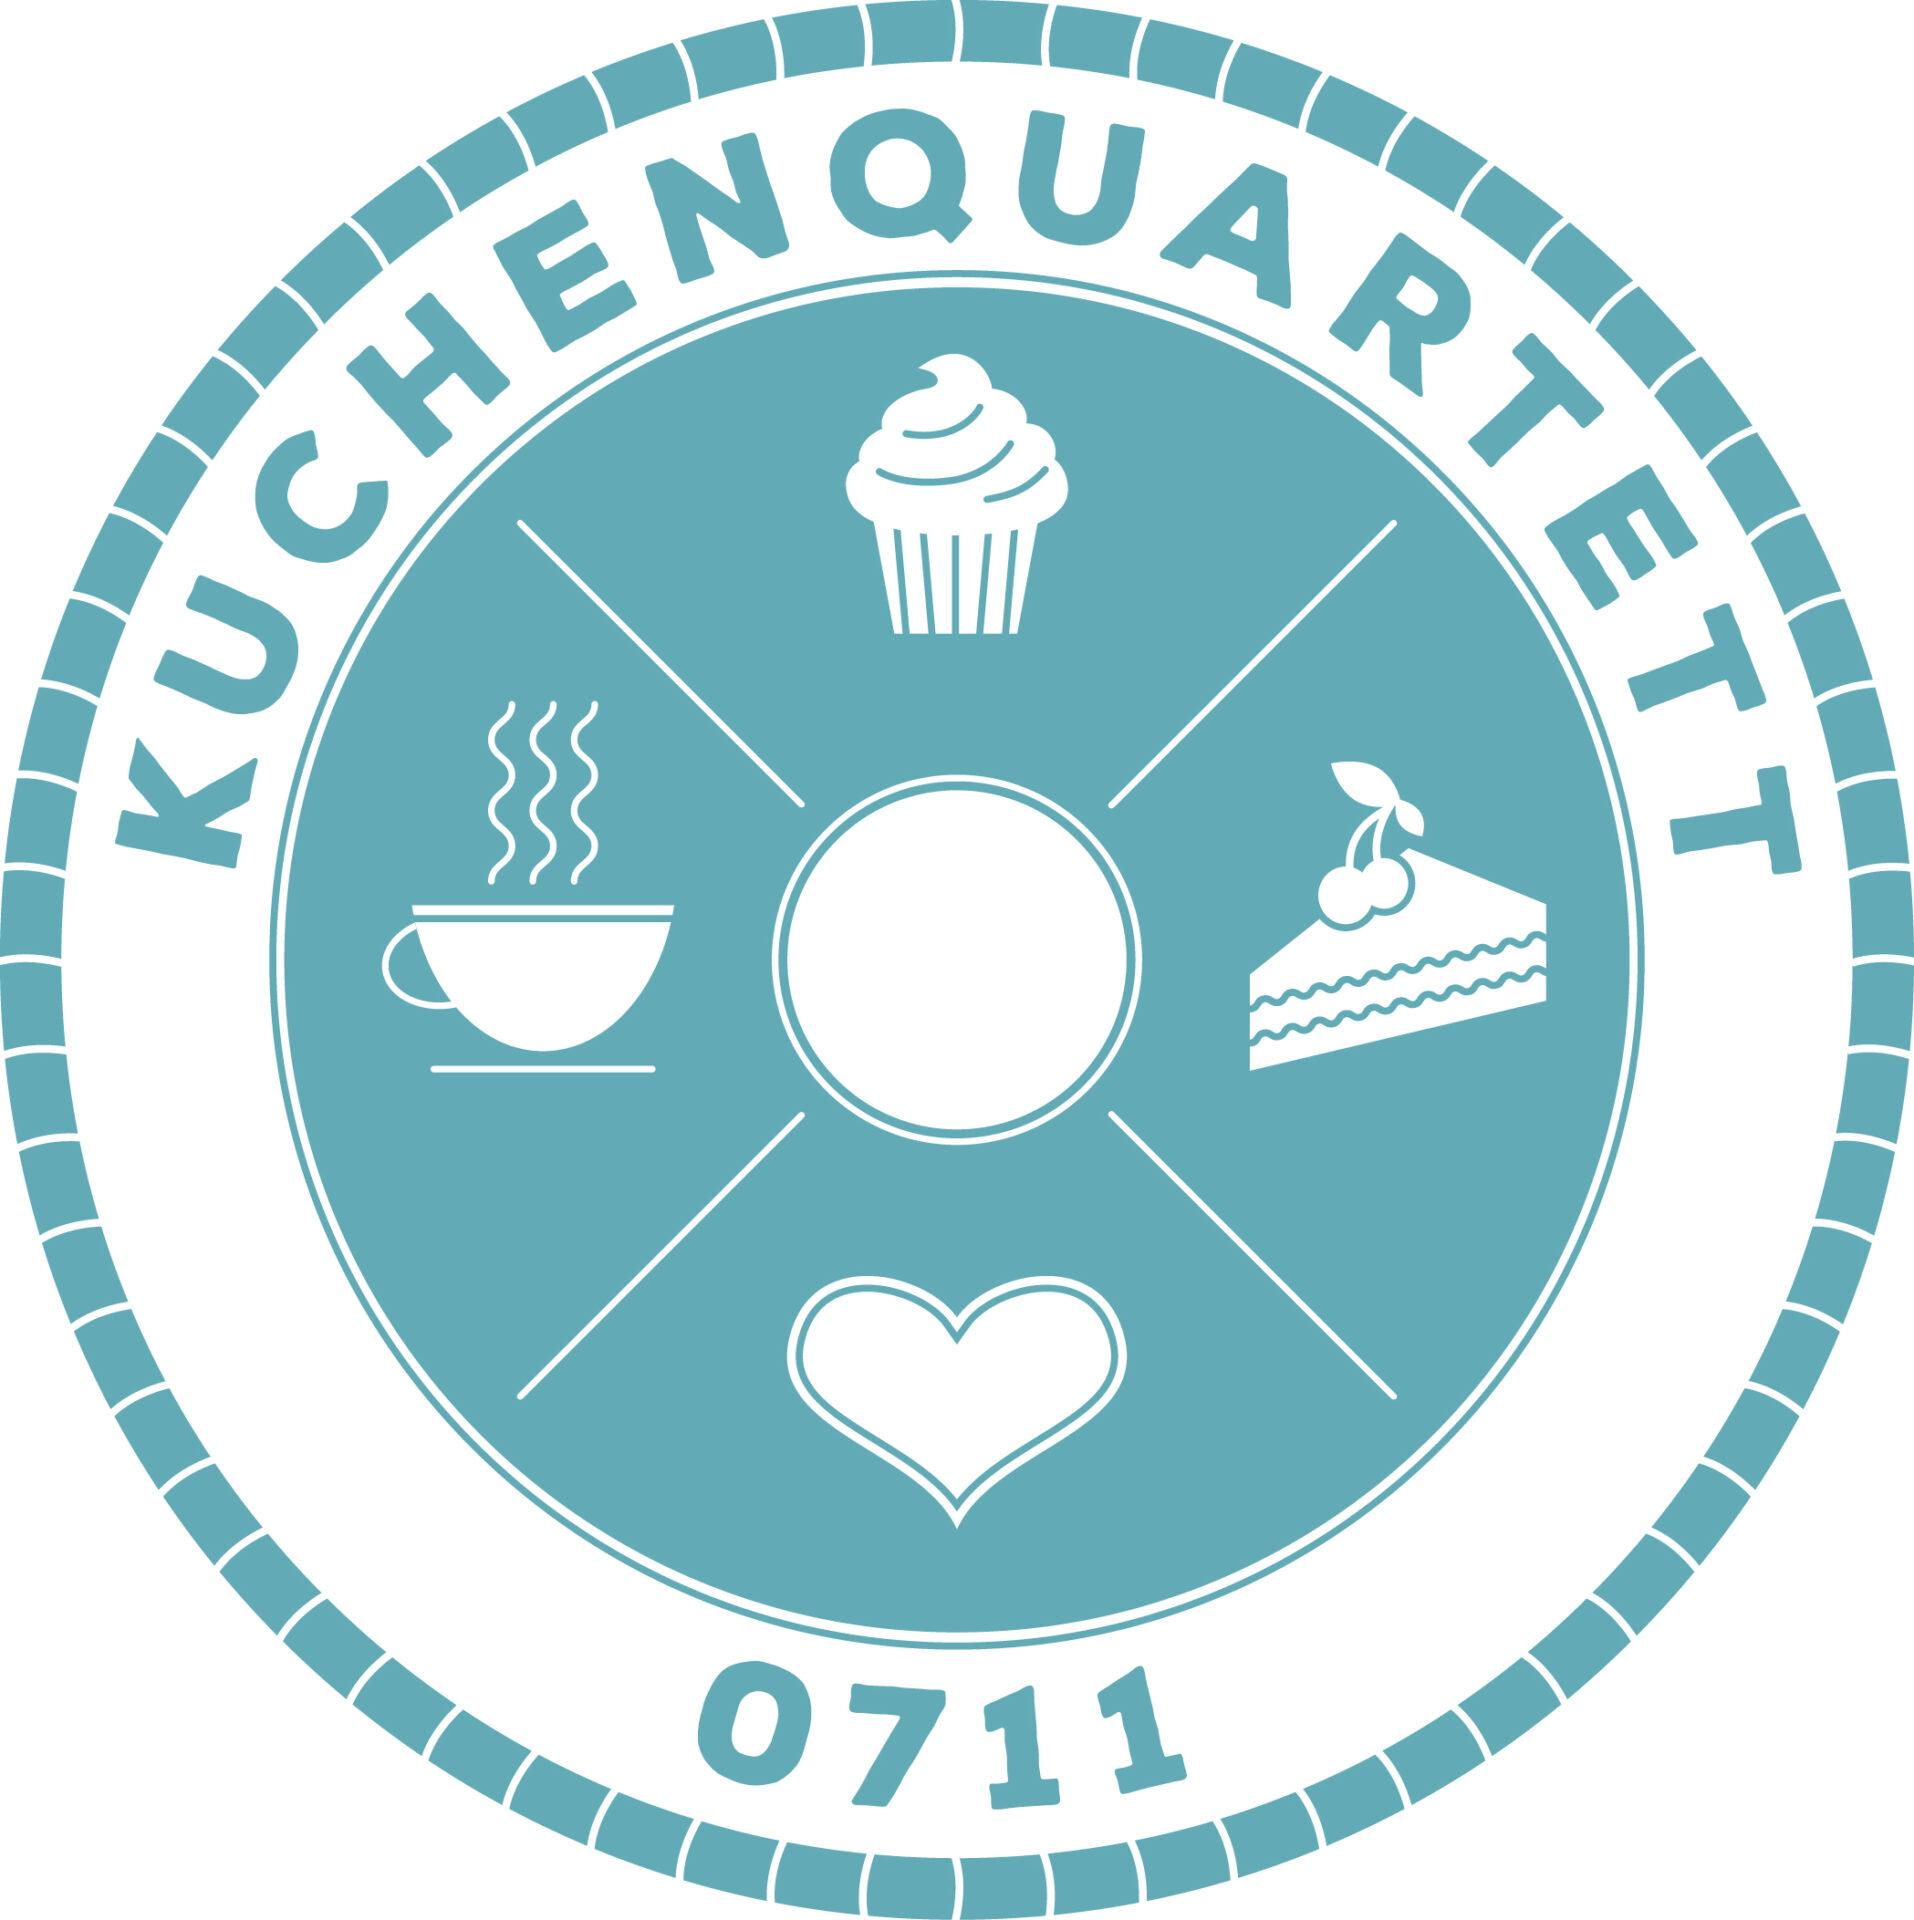 Kuchenquartett 0711